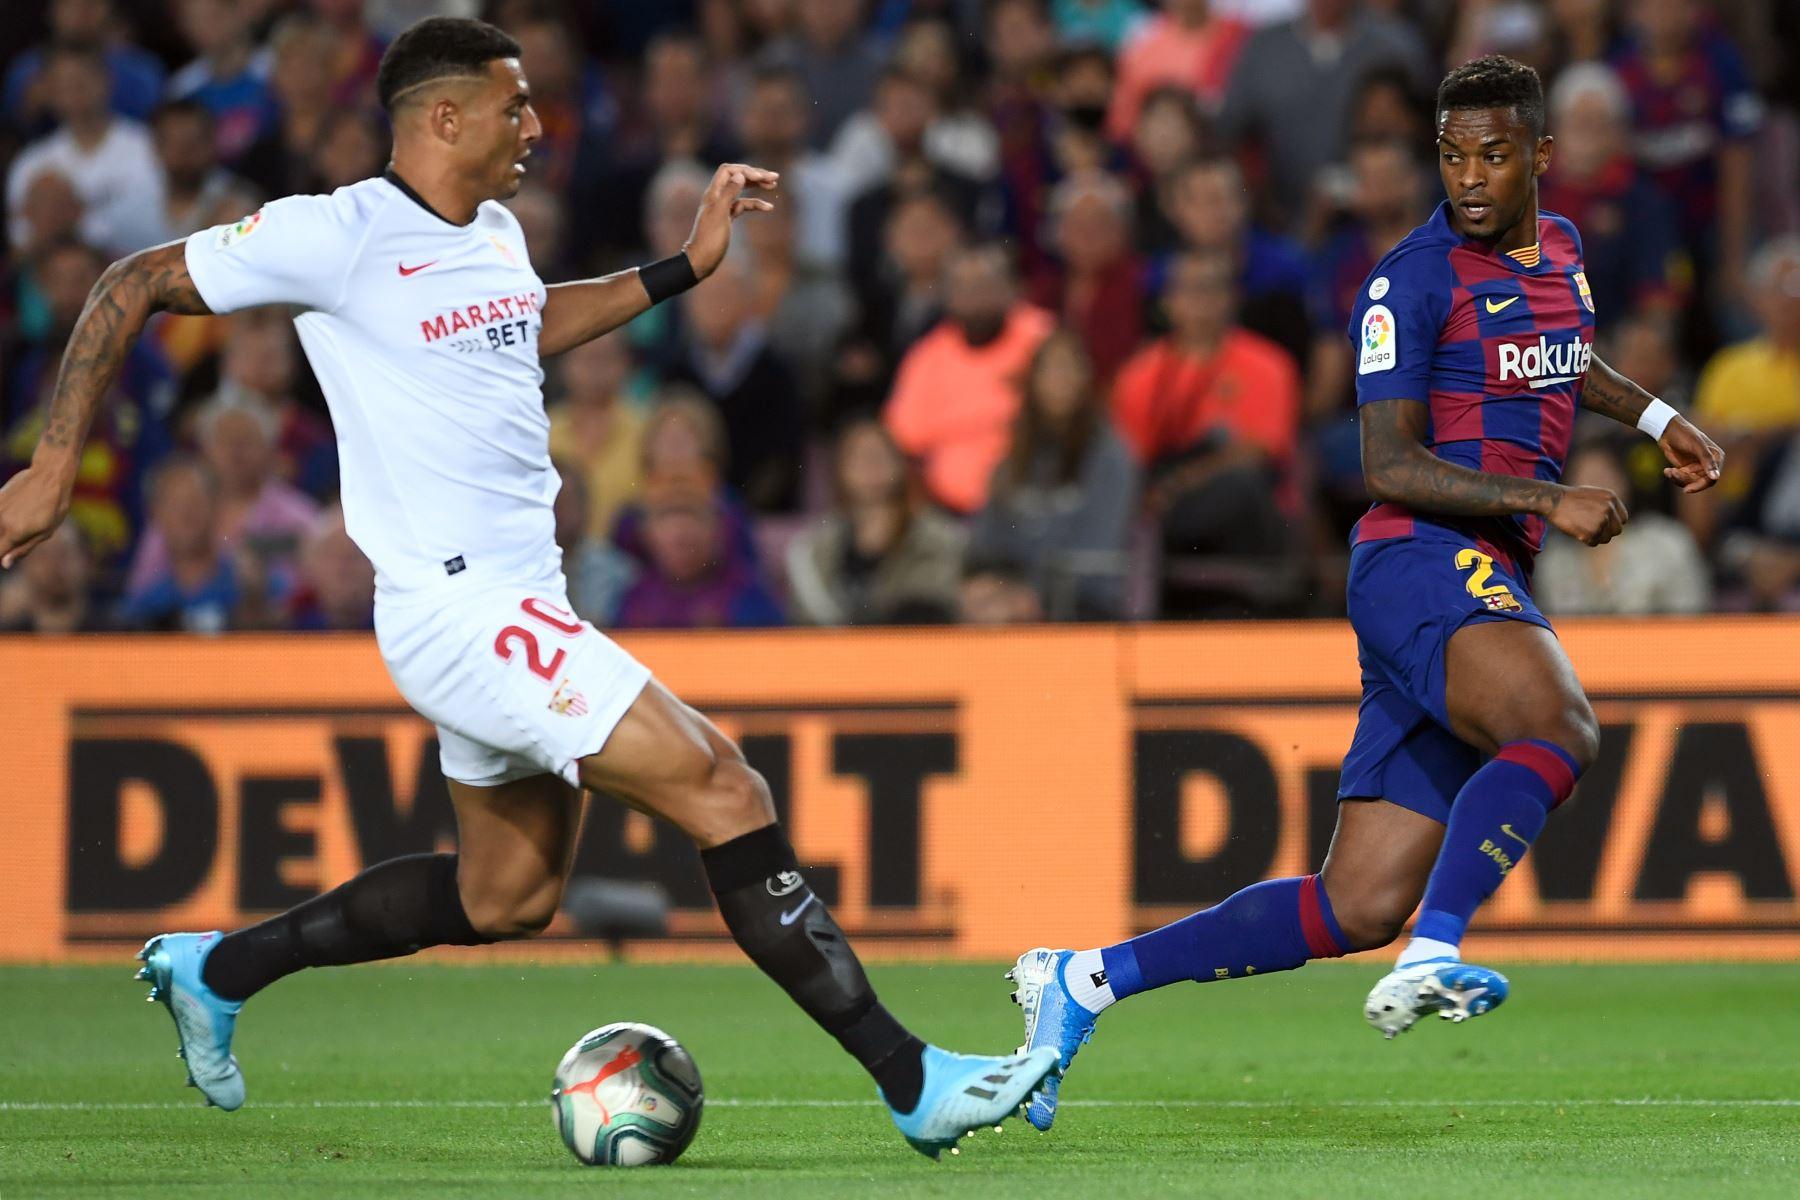 El defensor Diego Carlos del Sevilla trata de interceptar pase de Nelson Samedo  del Barcelona. Foto: AFP